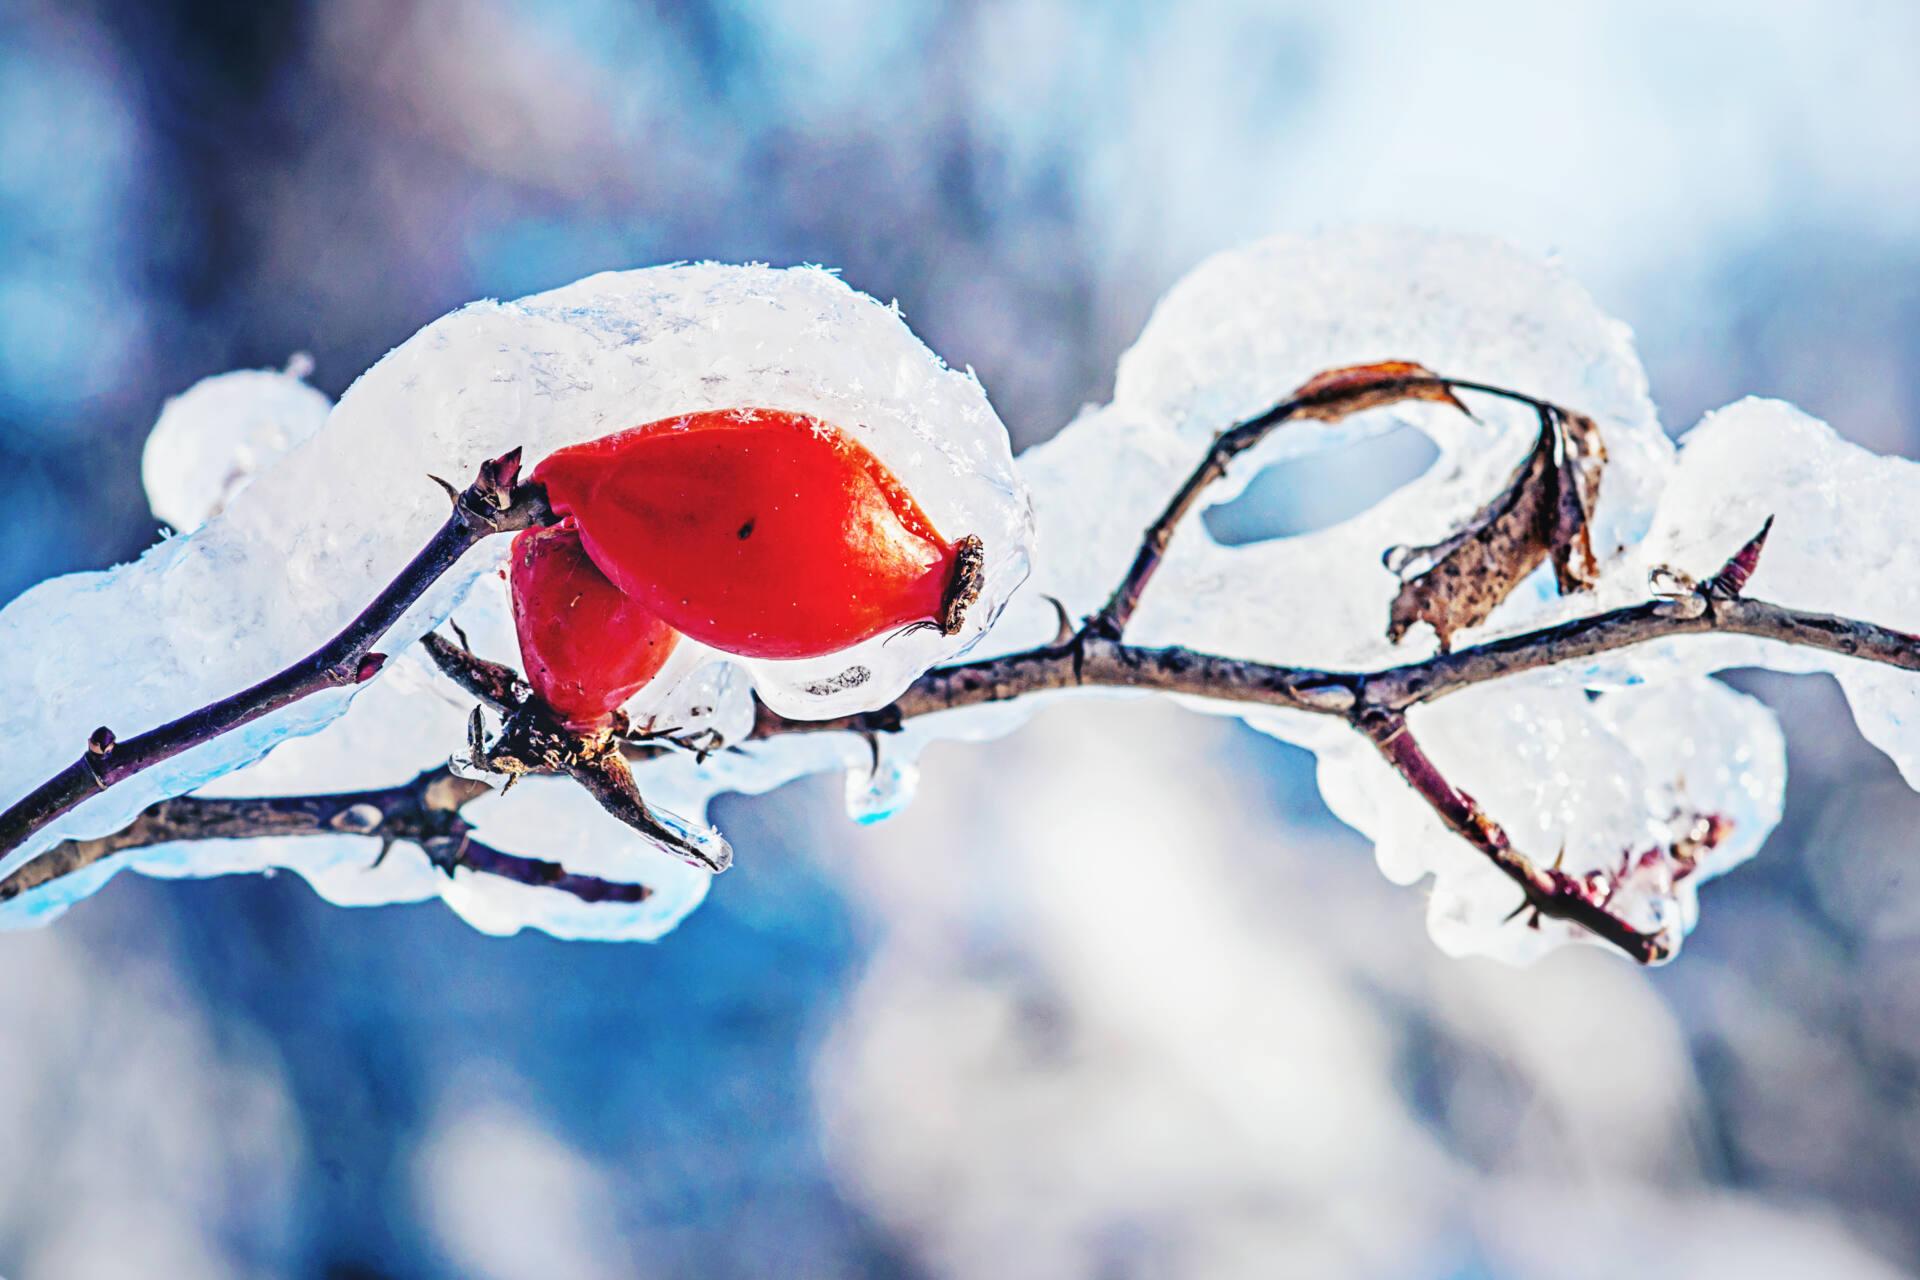 dsc00516 Trwa zimowy foto-konkurs. GOK Gminy Zamość zaprasza do zabawy!